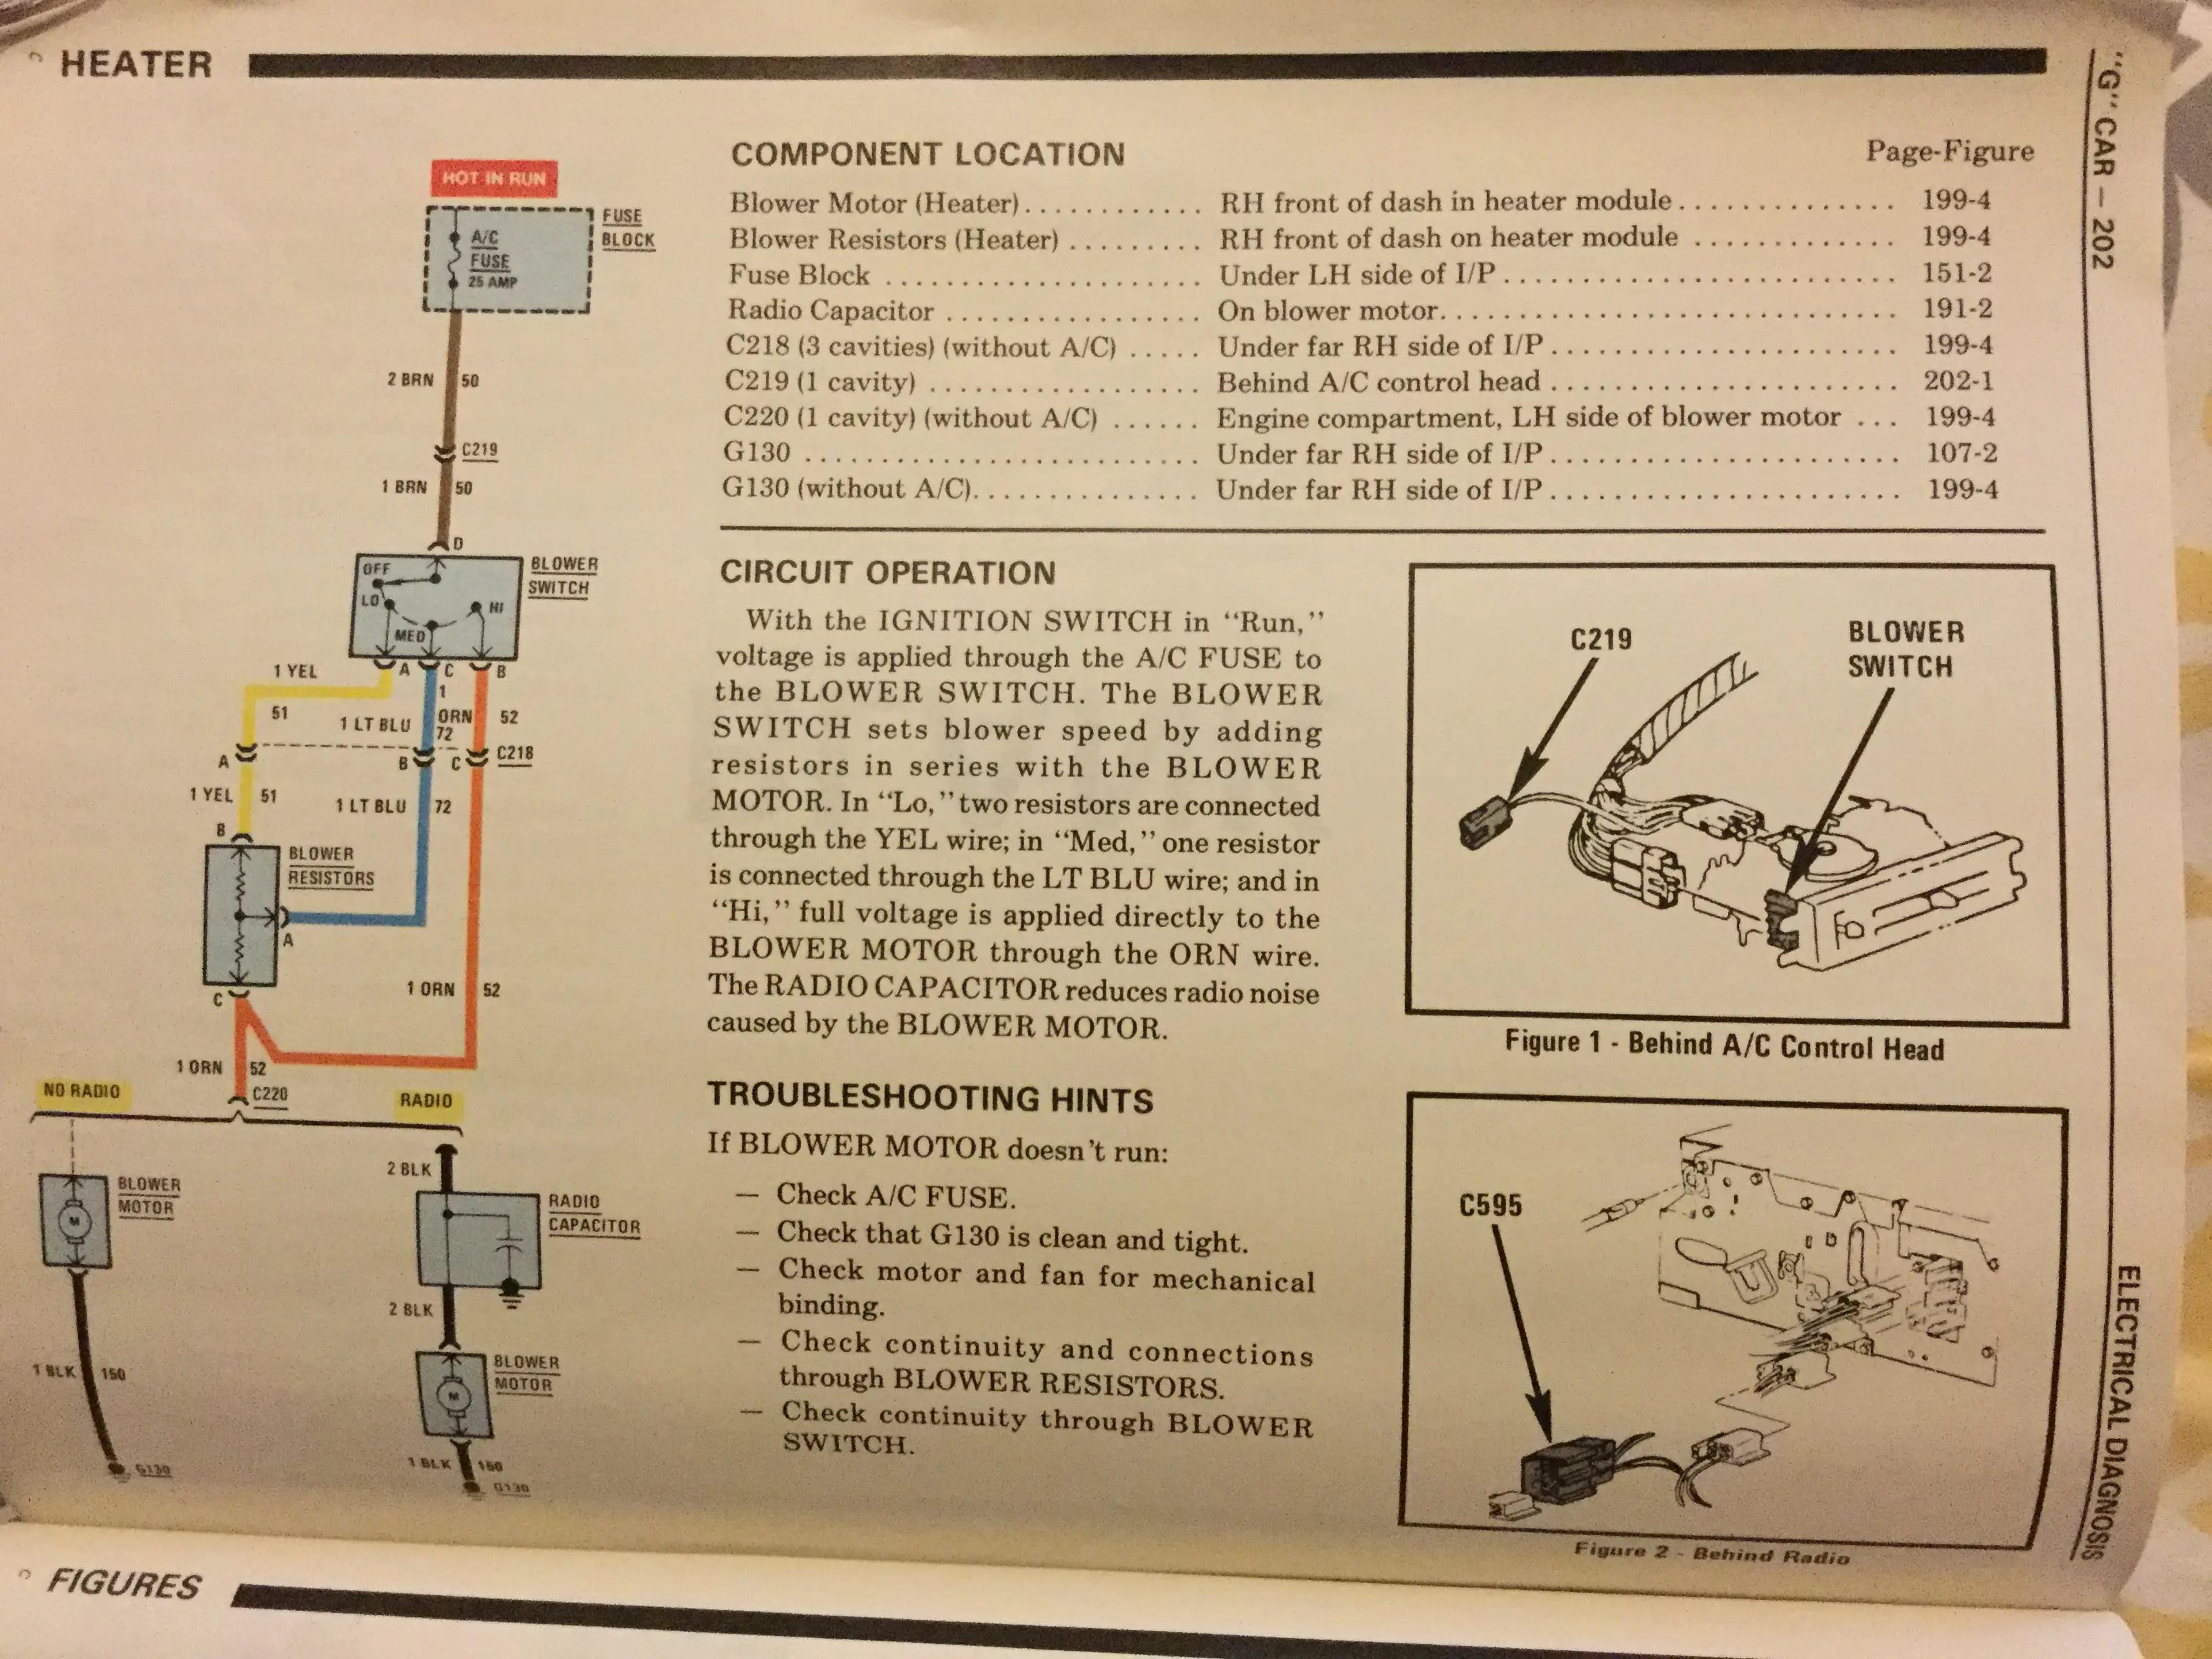 Chevrolet Starter Wiring Diagram 85 Blower Motor Wiring Gbodyforum 78 88 General